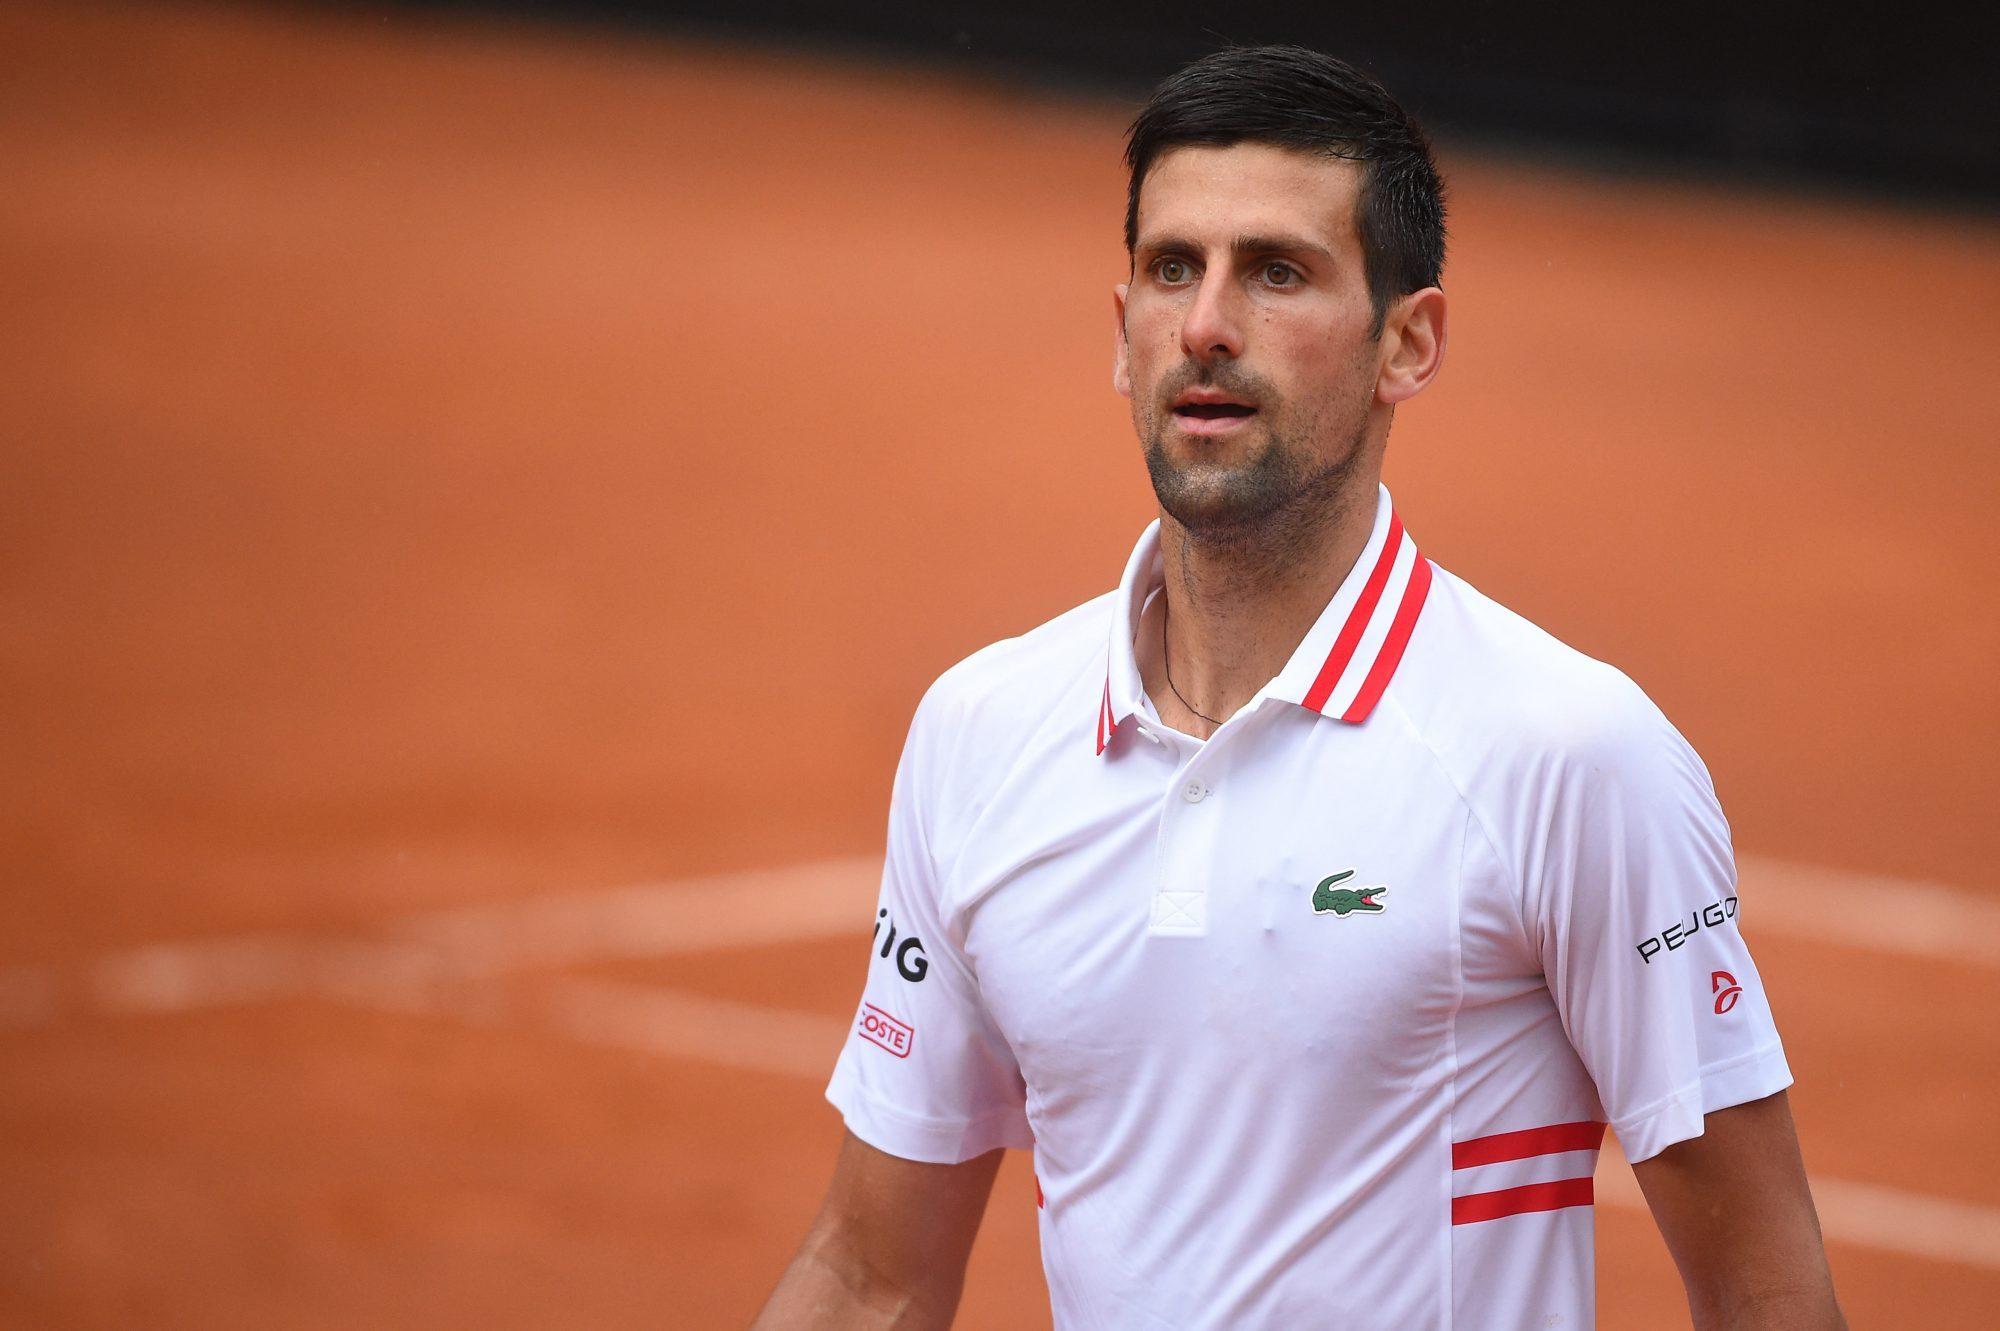 Rome Open 2021: Novak Djokovic vs. Alejandro Davidovich Fokina Tennis Pick and Preview